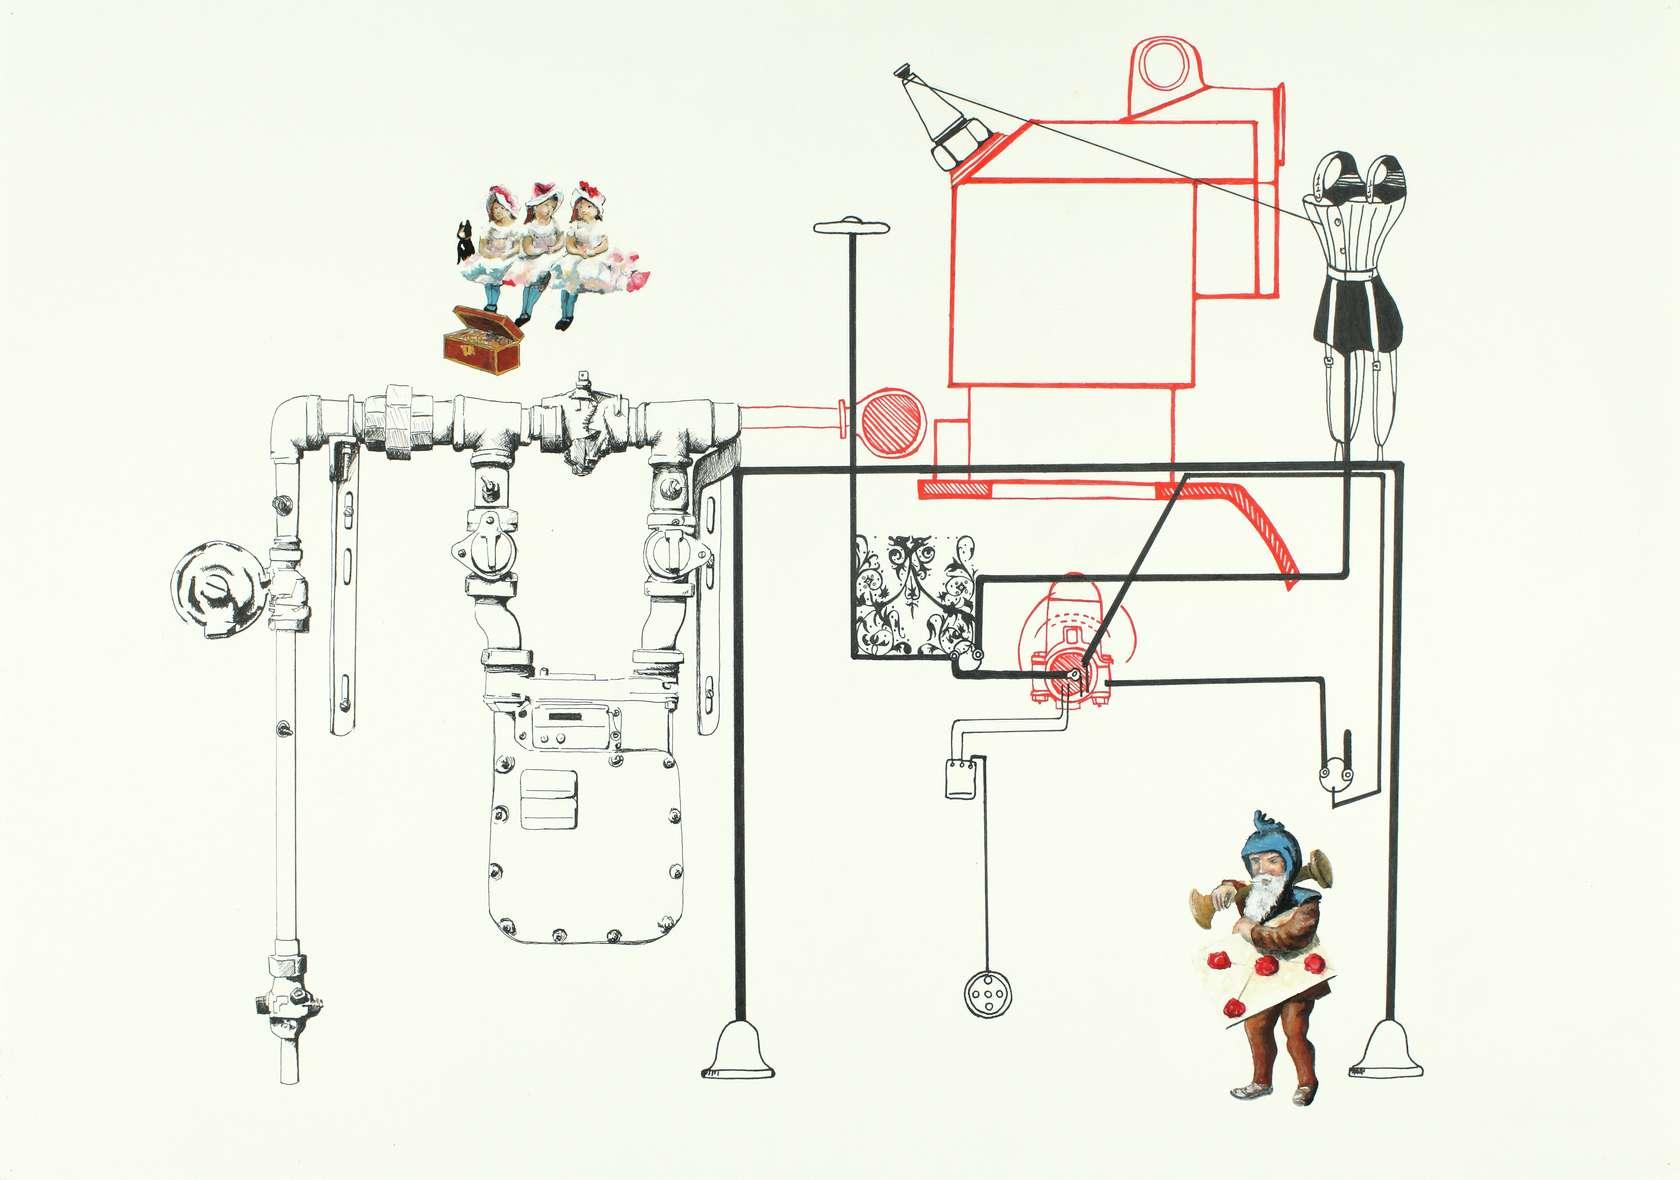 Sébastien Gouju, Sans titre , 2011 Encre, gouache et graphite sur papier42 x 60 cm / 16 1/2 x 23 5/8 inches